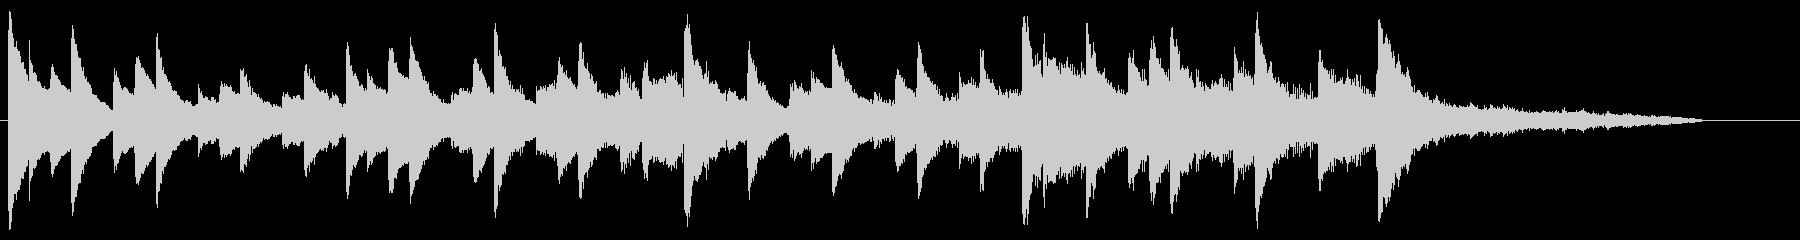 CM30秒、映像に合う穏やかなピアノの未再生の波形